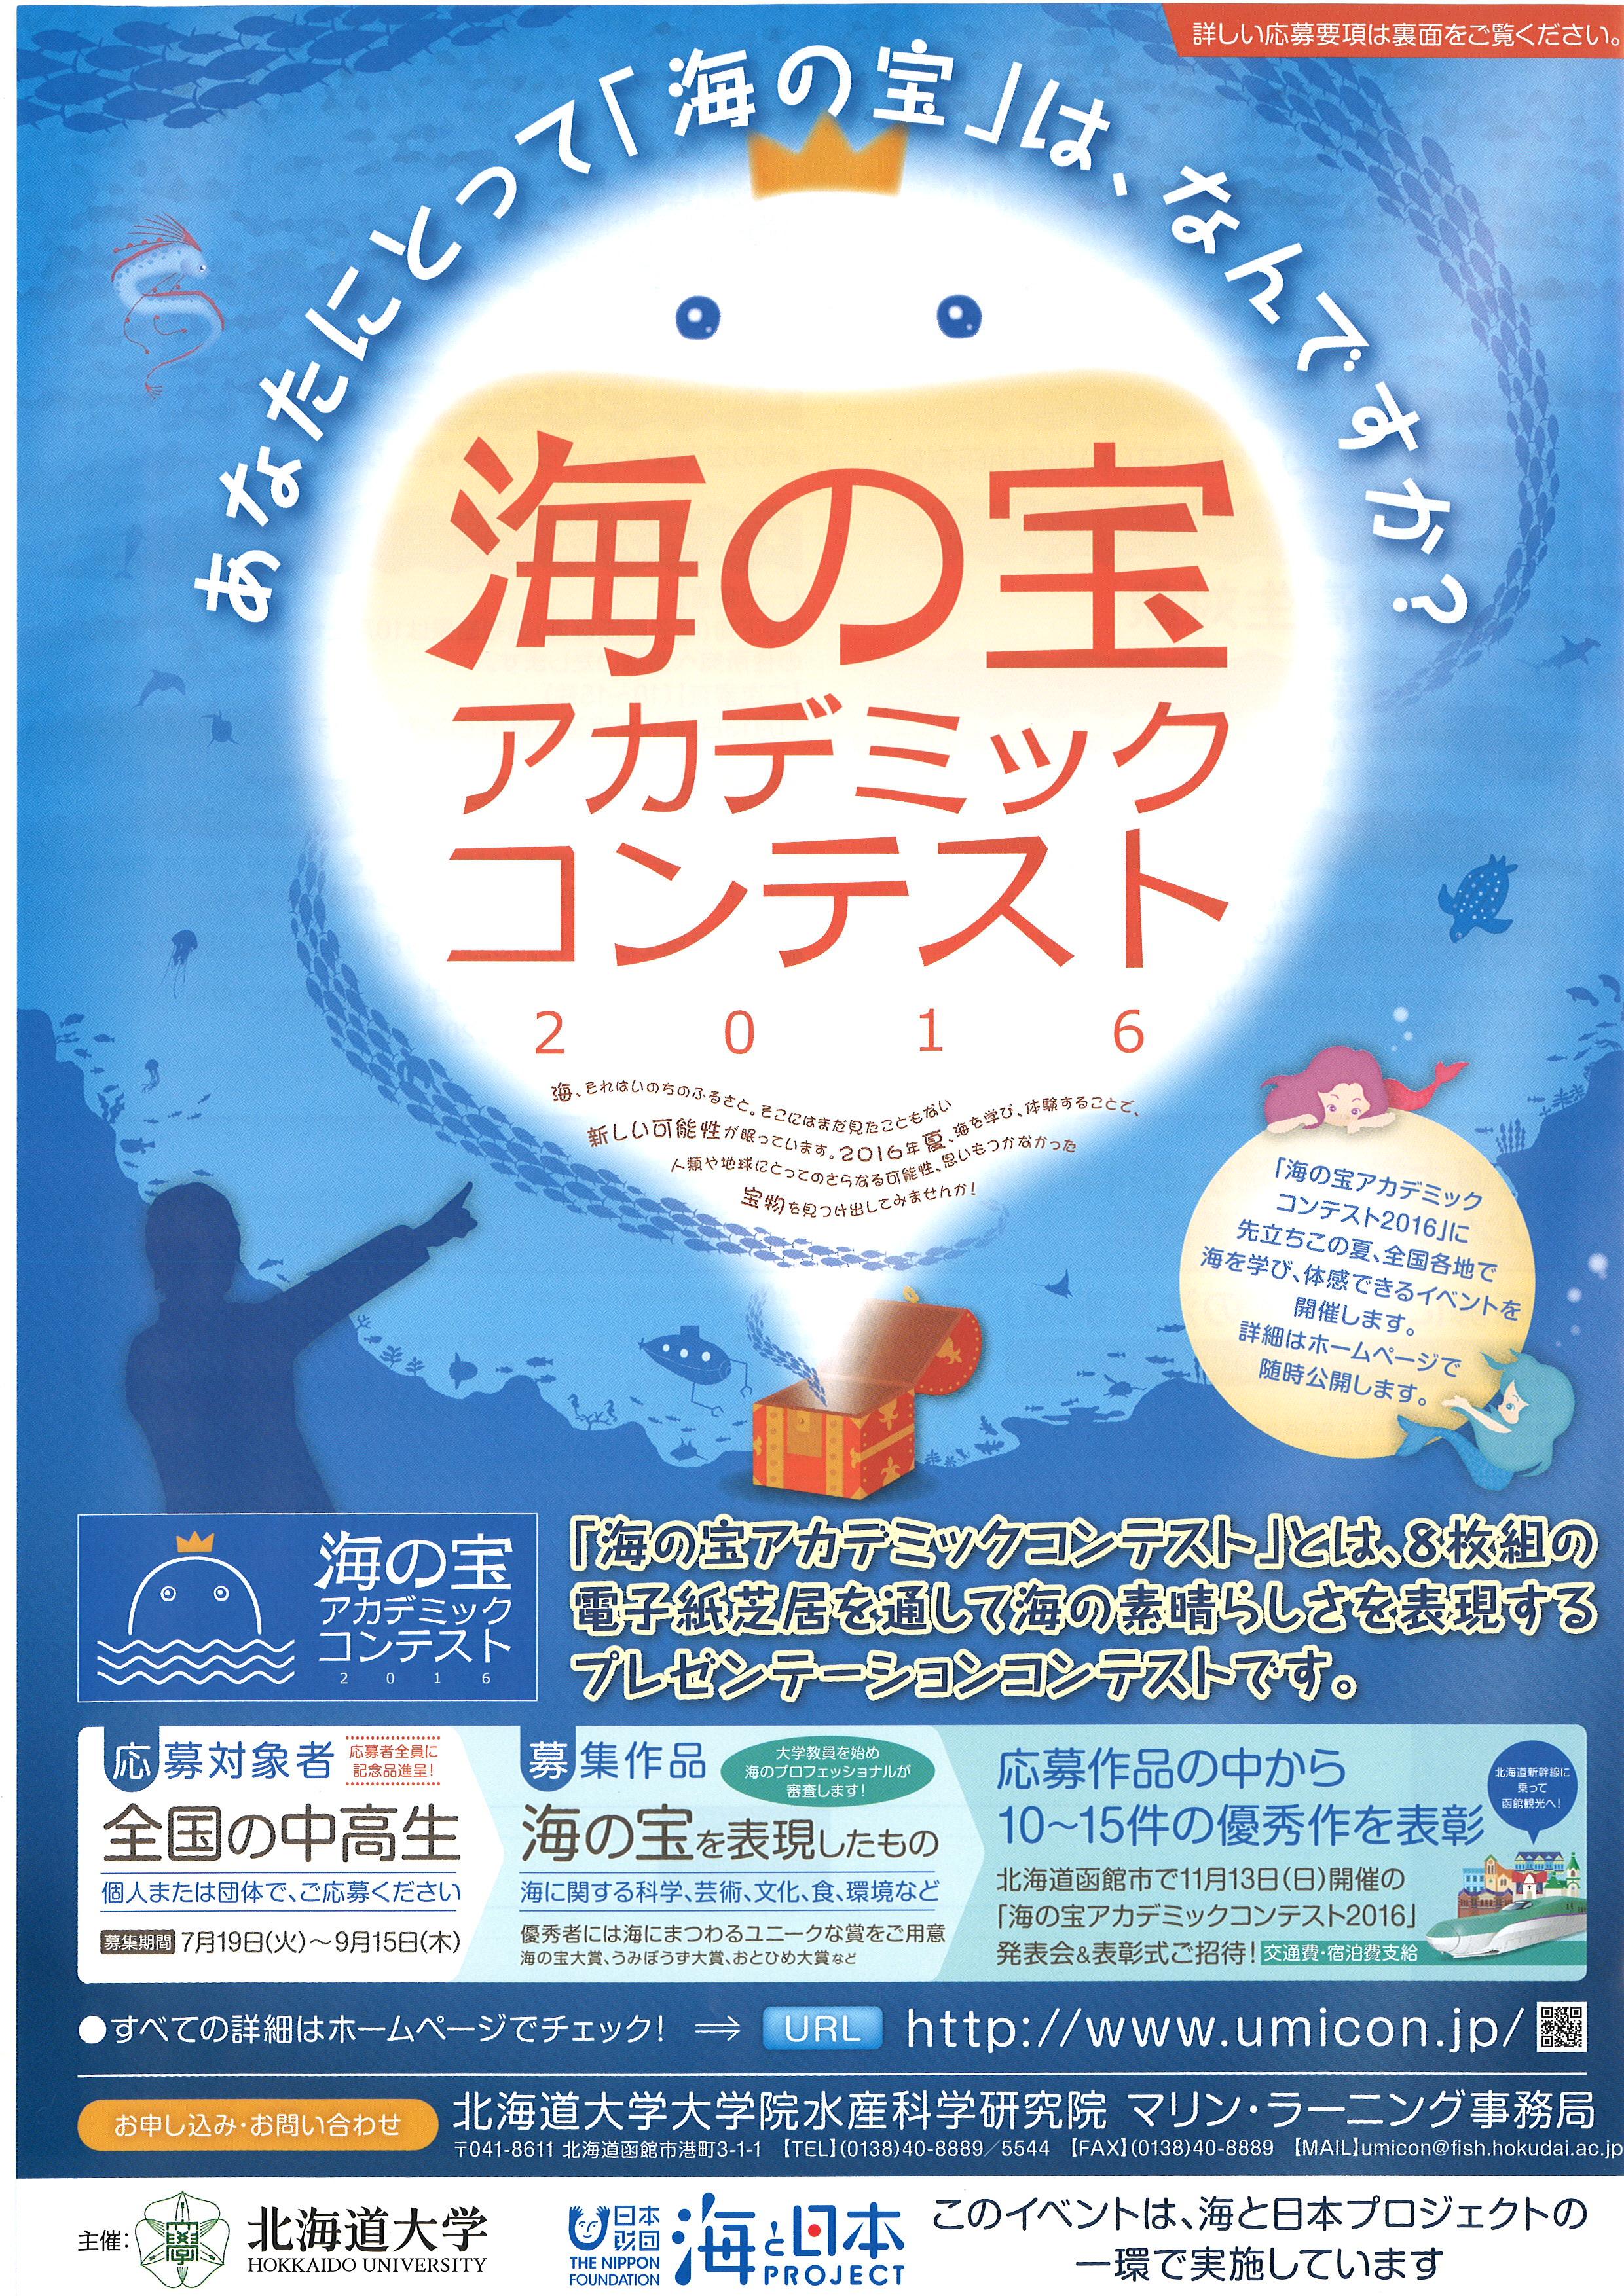 海の宝アカデミックコンテスト